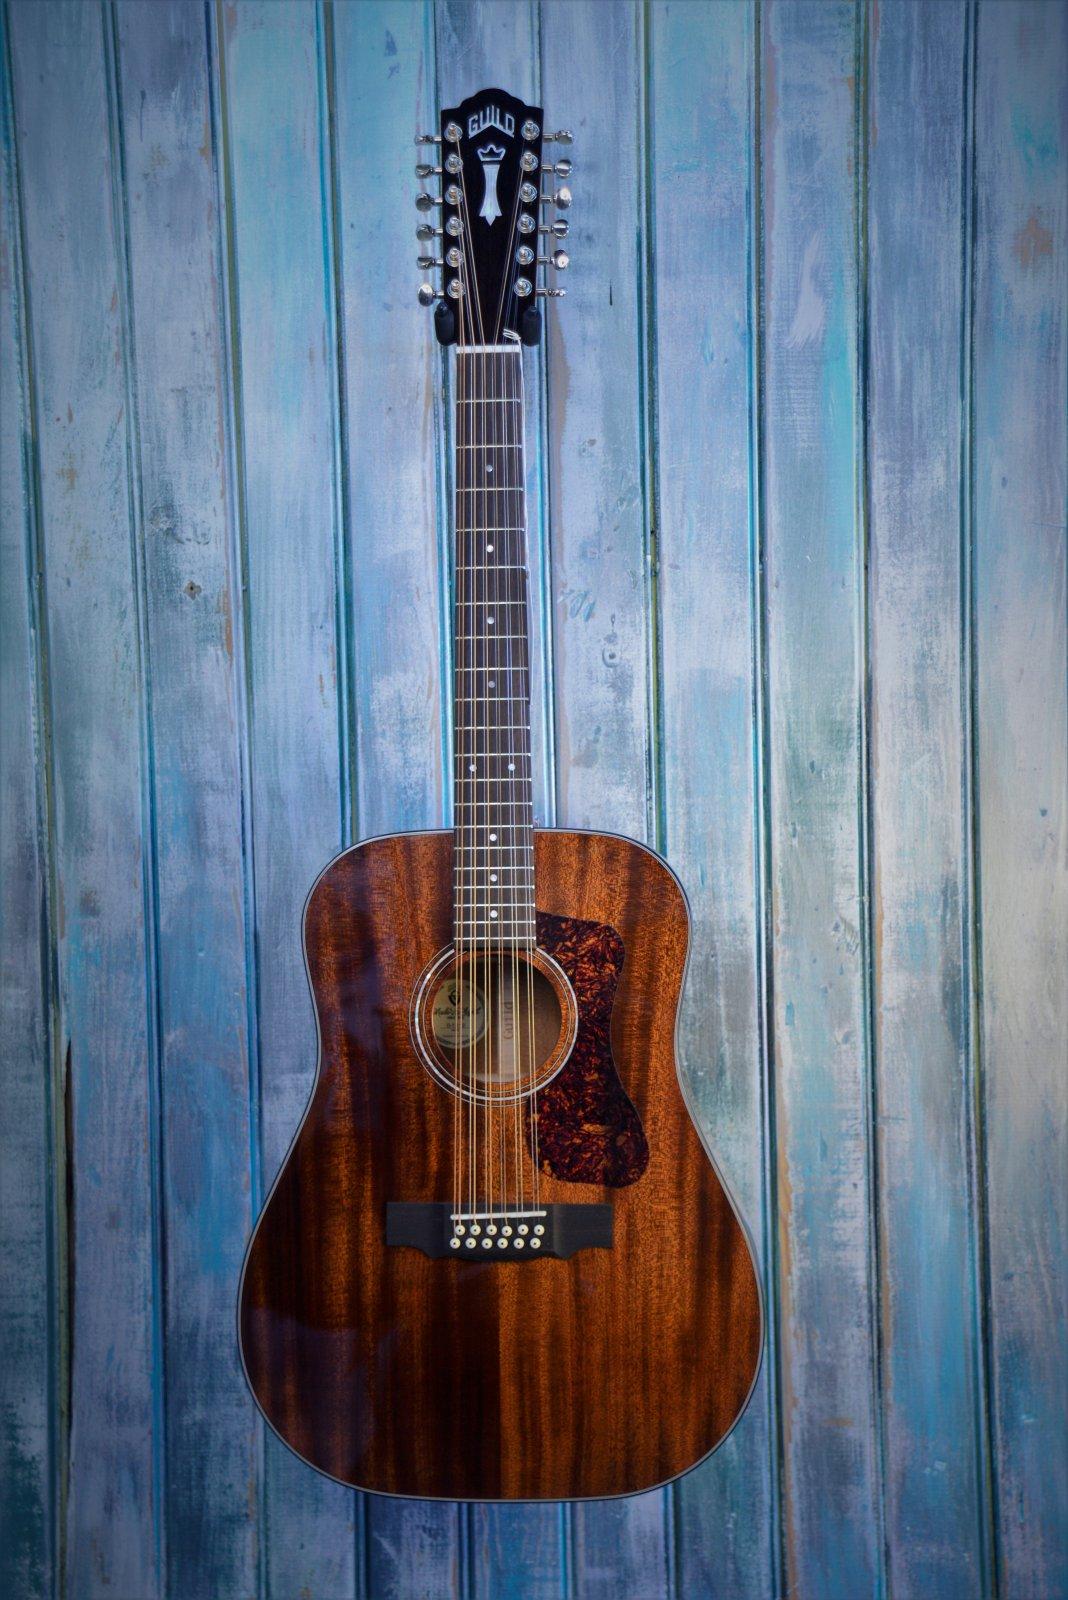 Guild D-1212 acoustic 12-string guitar, natural w/bag